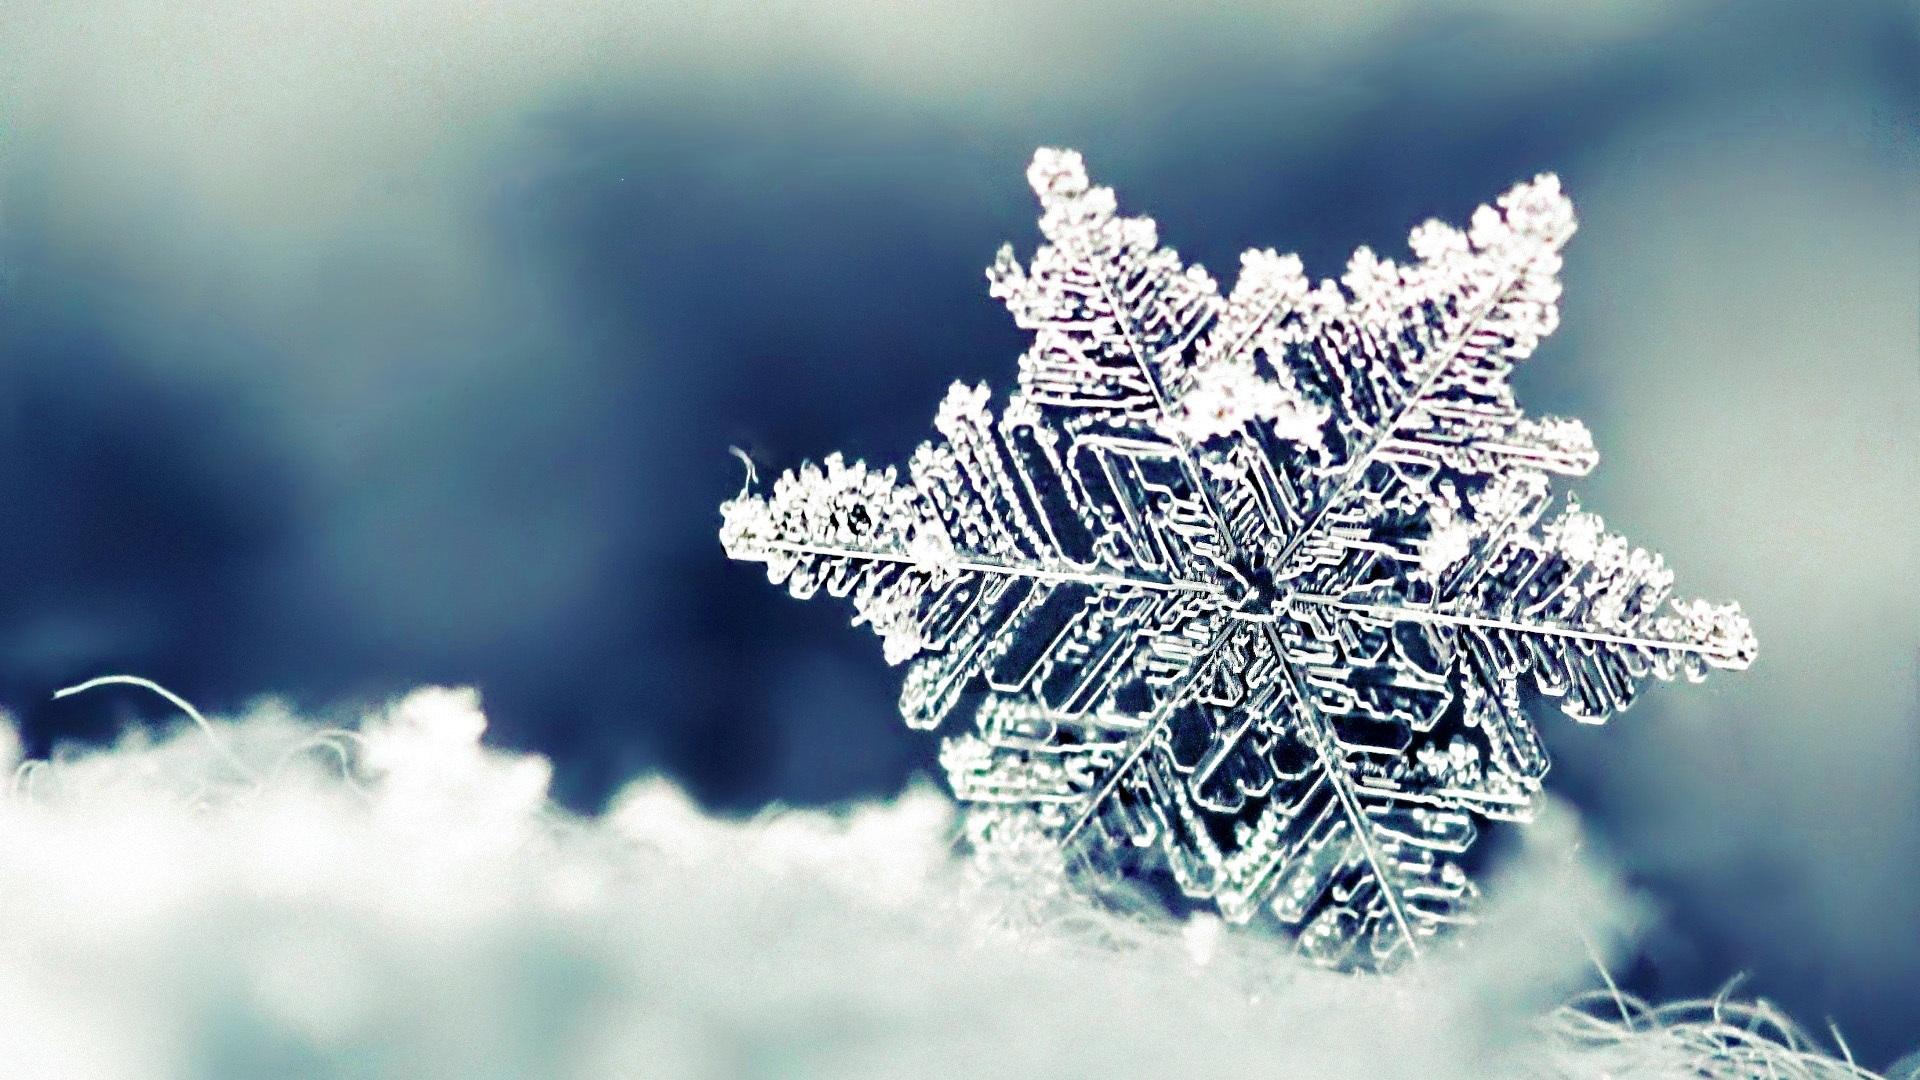 冬日斜阳浅浅 风雪婆娑 你是我最初の奇迹 纯音乐的照片 - 3